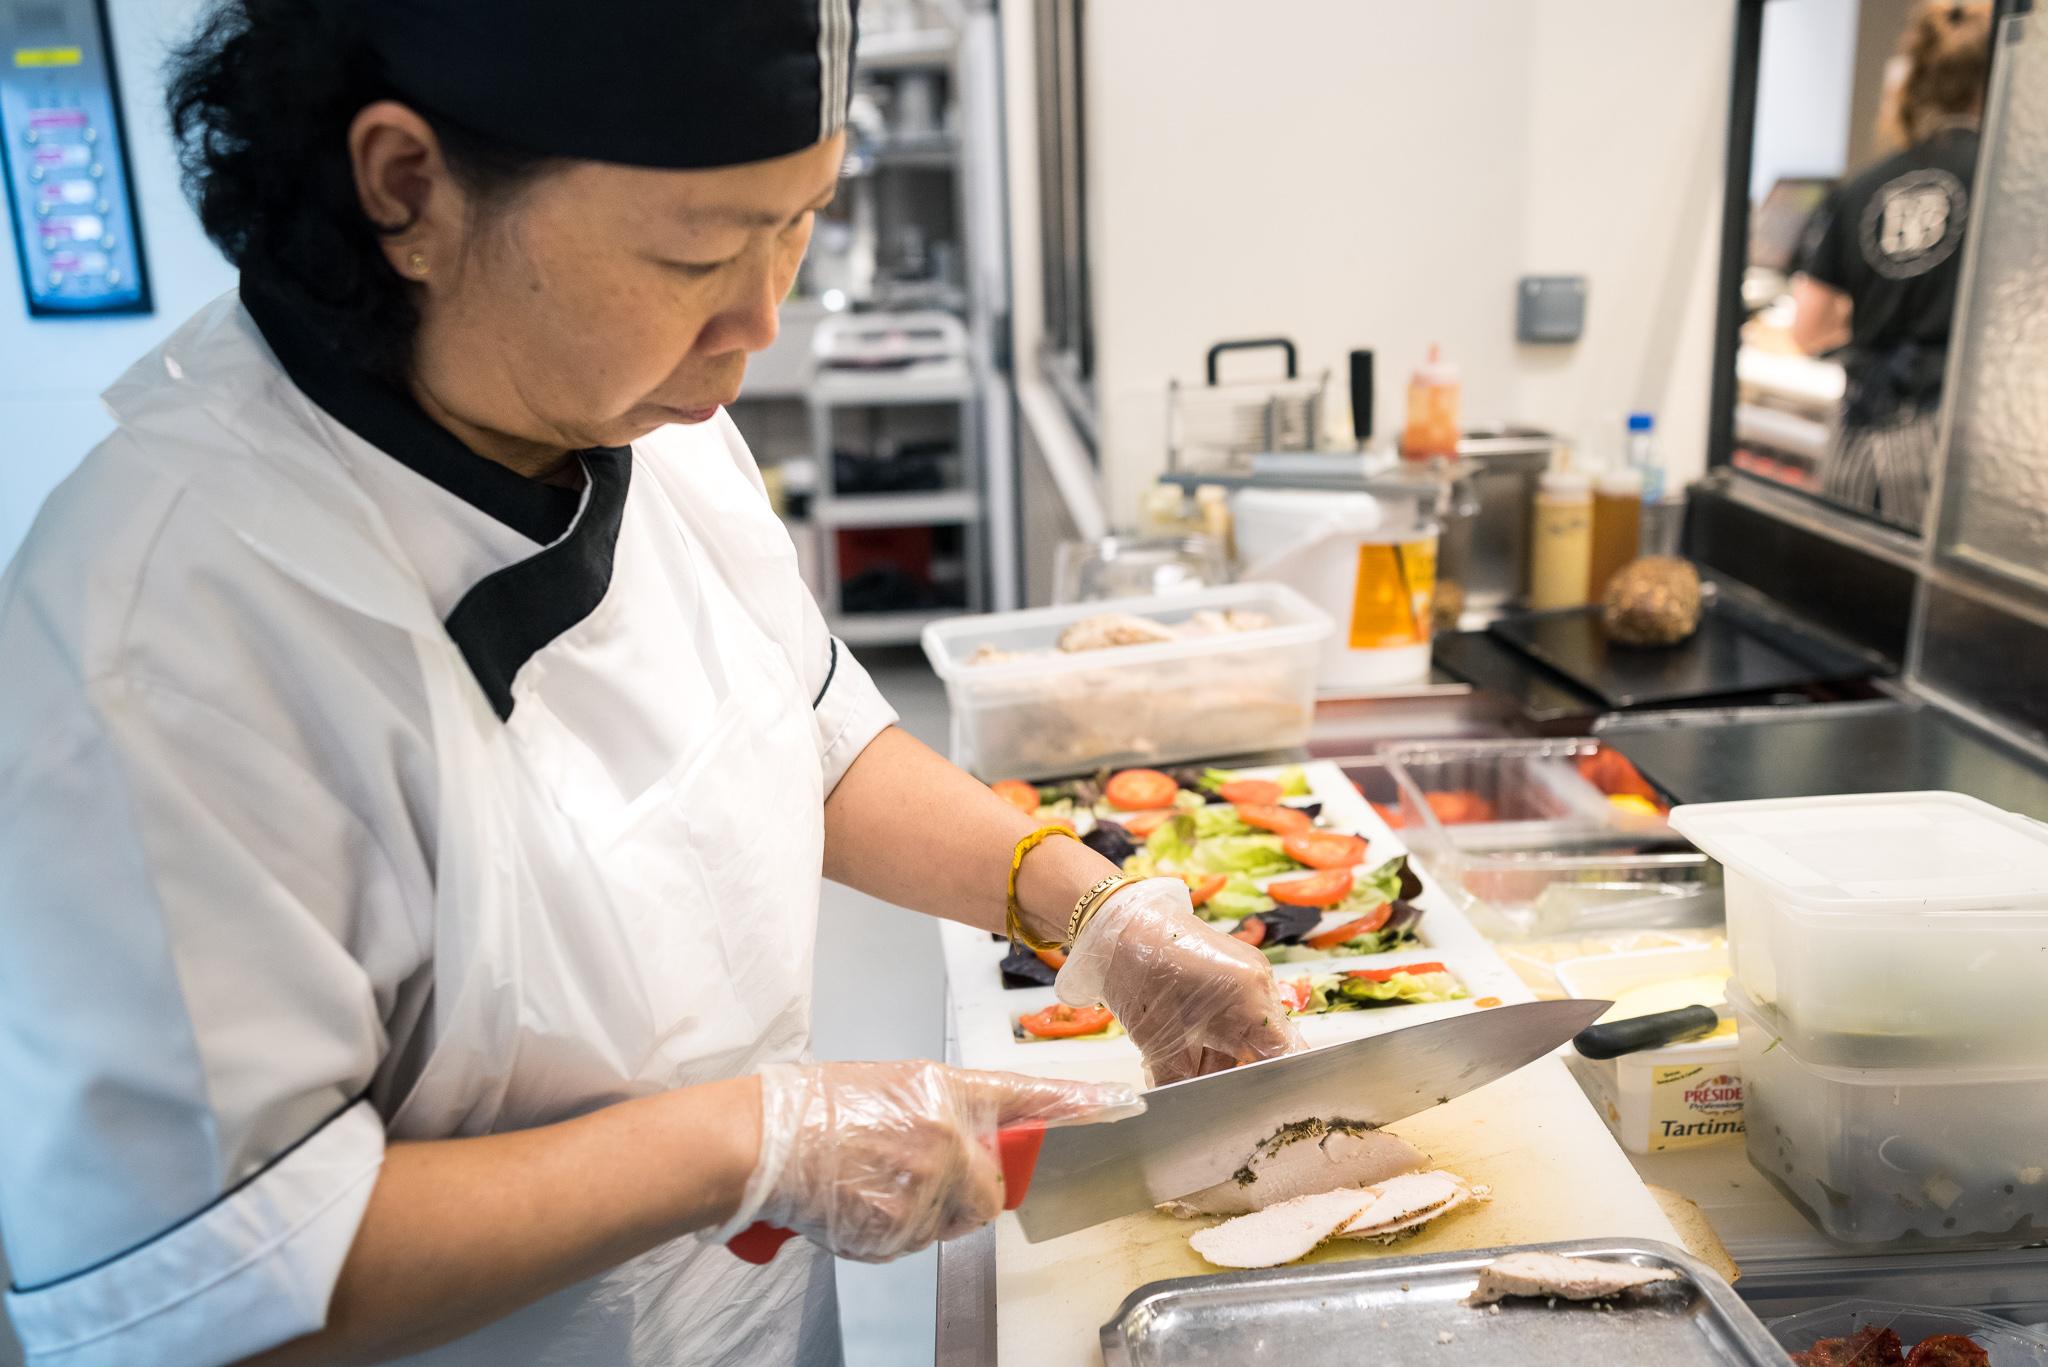 Préparation des sandwichs pour le snacking